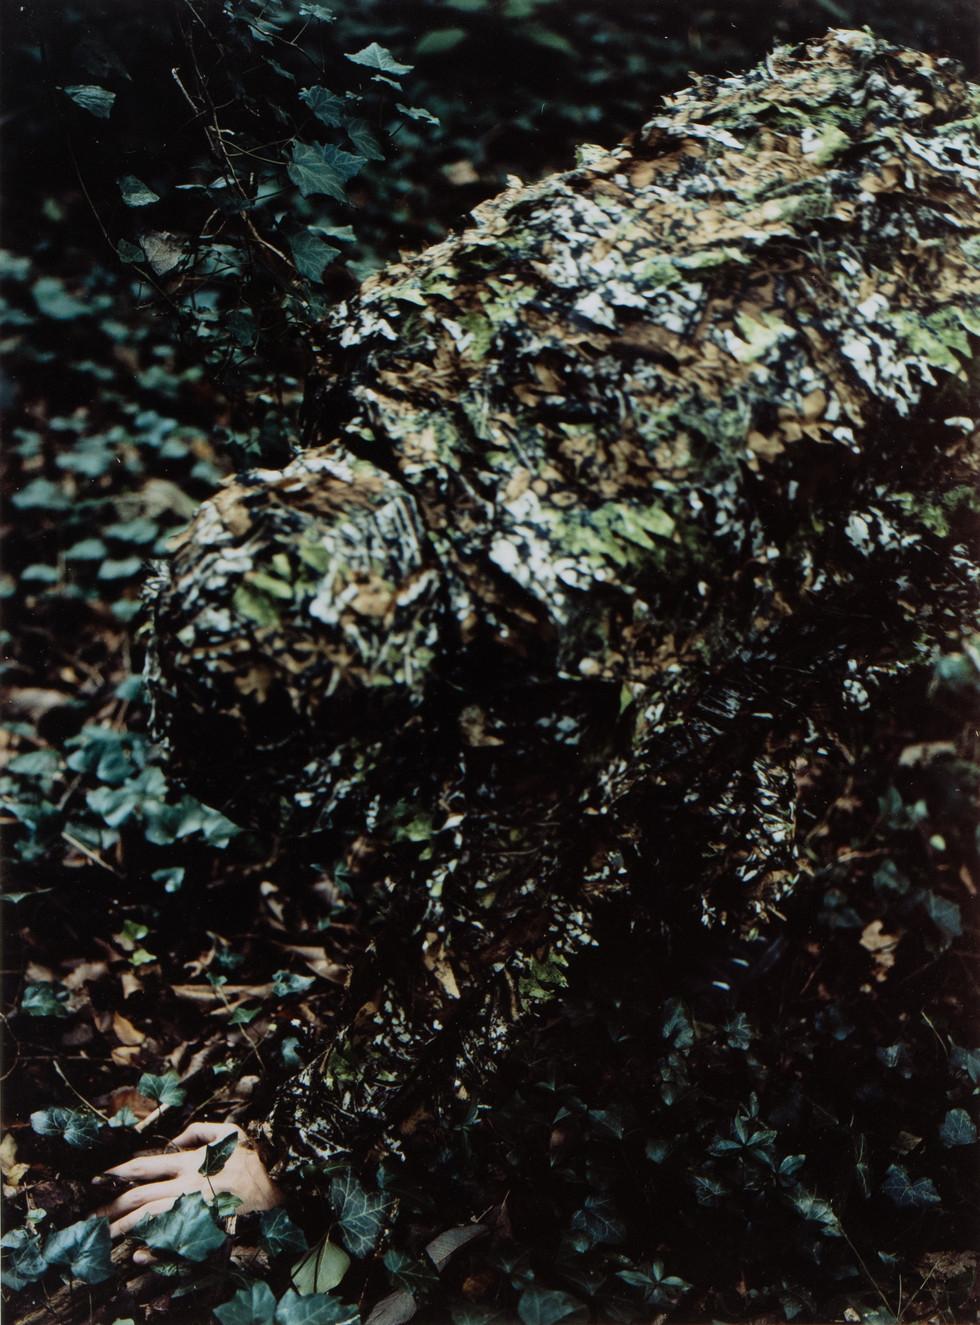 camouflage_LS_02.jpg